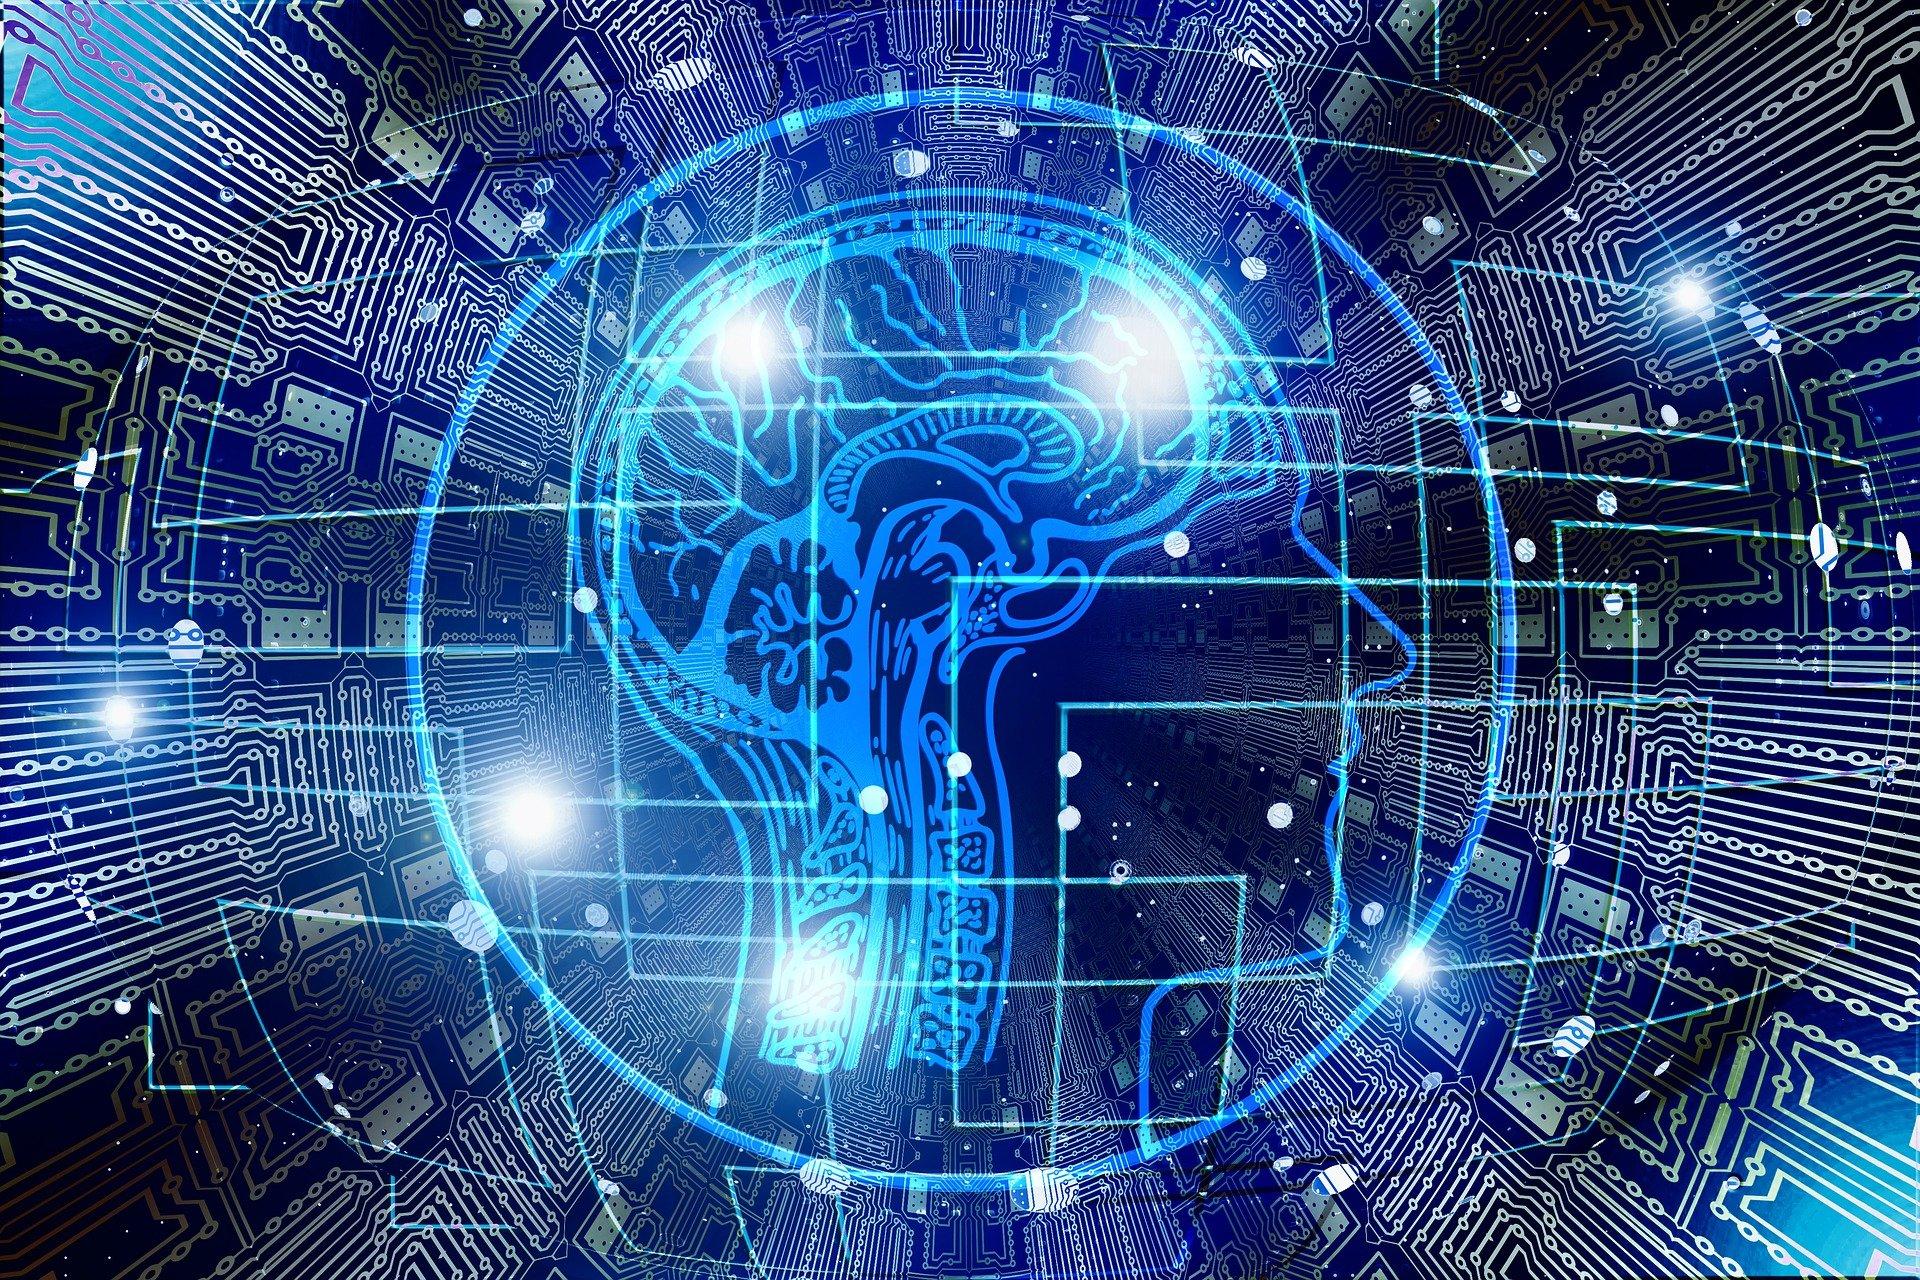 Sprejetje nacionalnega programa spodbujanja razvoja in uporabe umetne inteligence do leta 2025